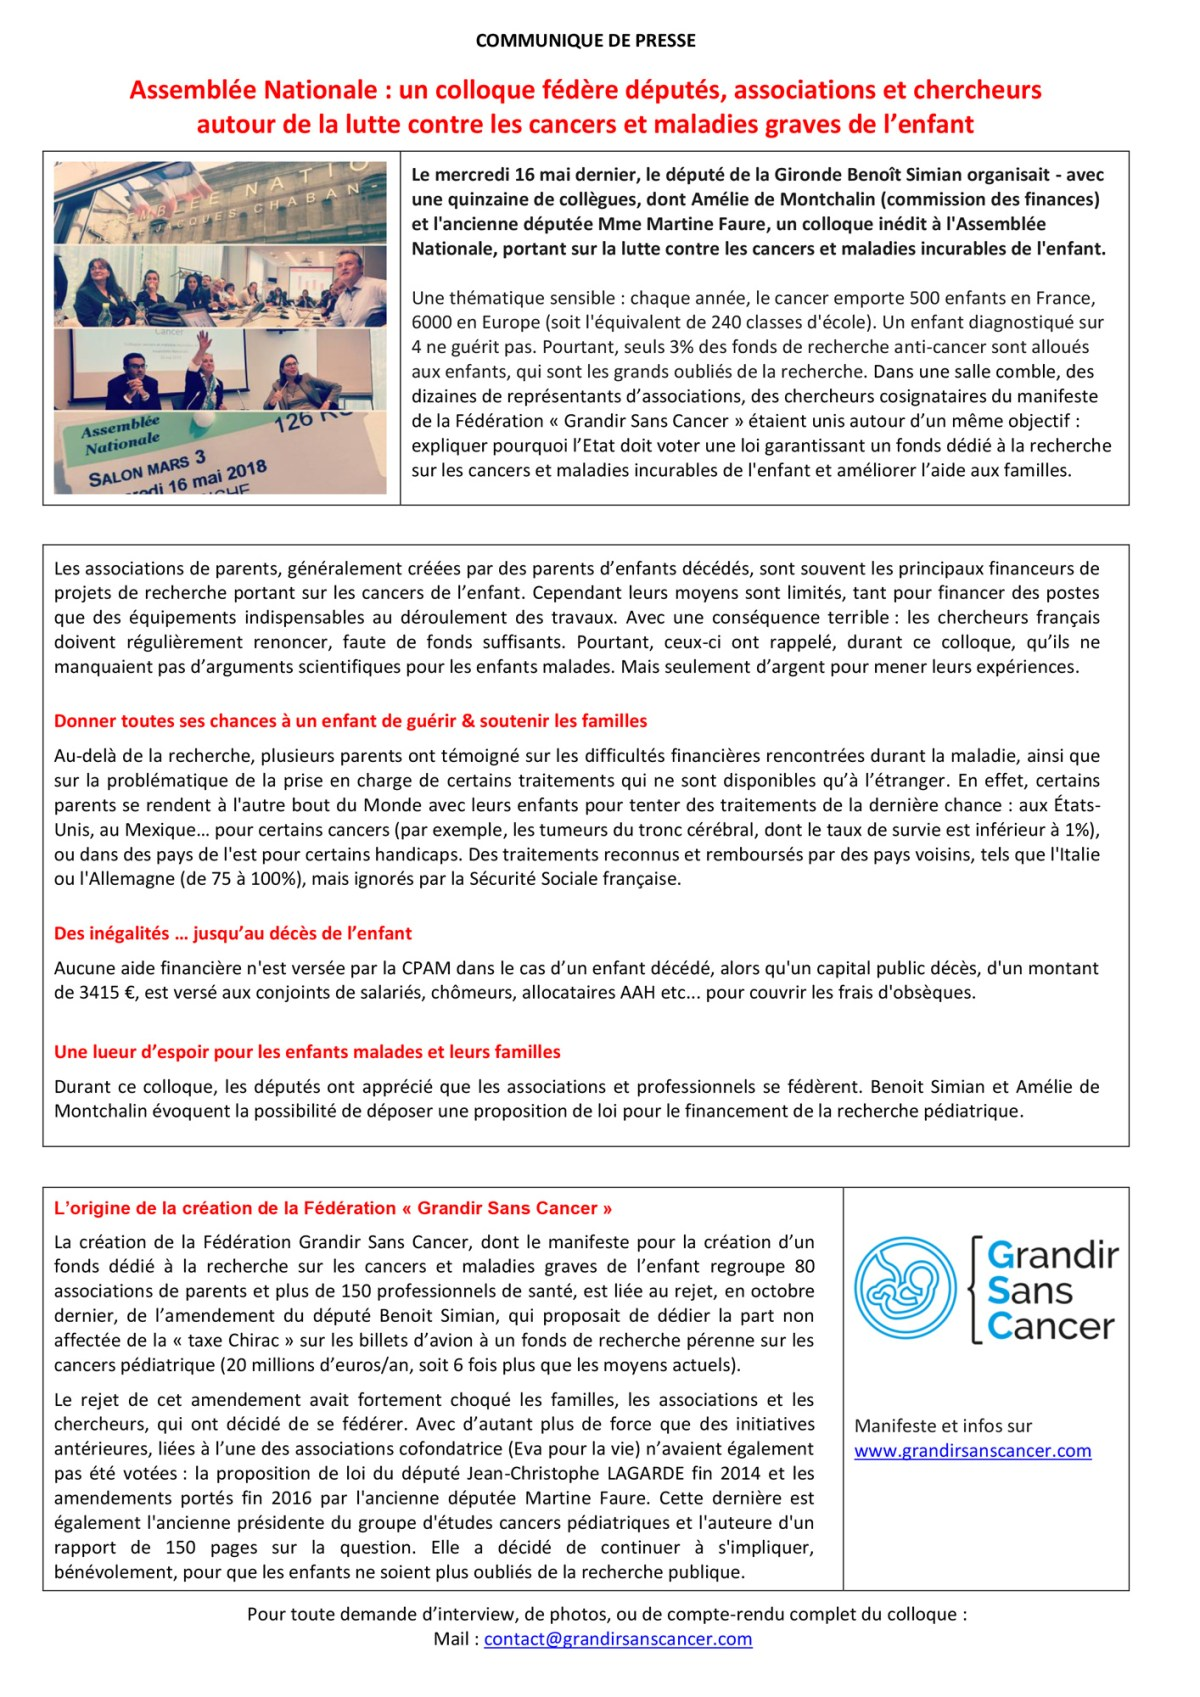 communique_gsc_220518_23